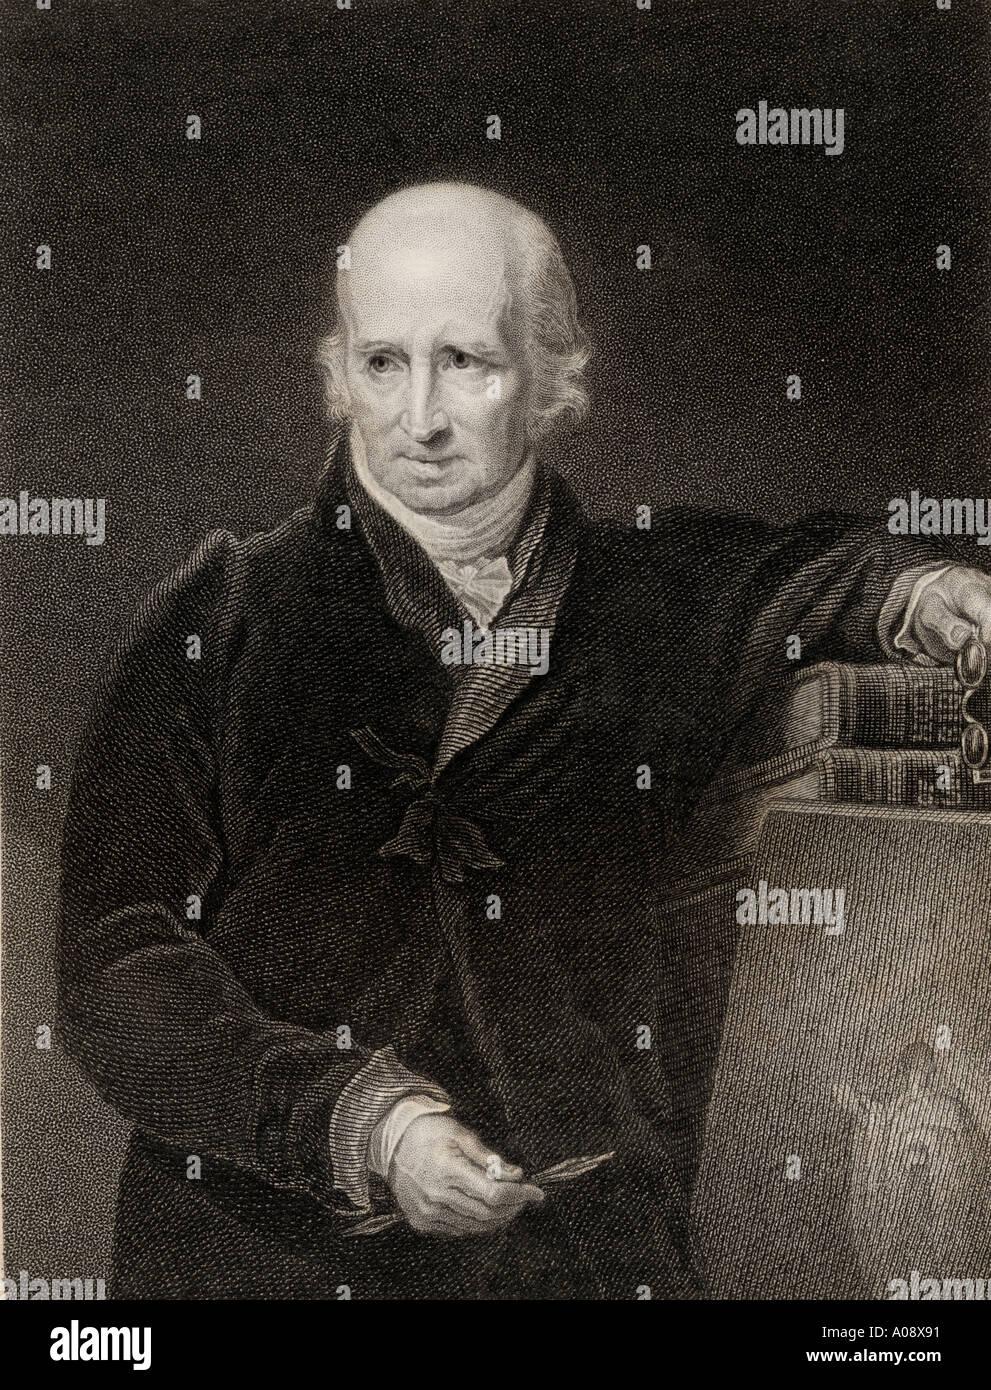 Benjamin West, 1738 - 1820. La historia de la América del Norte británica pintor y presidente de la Real Academia. Imagen De Stock